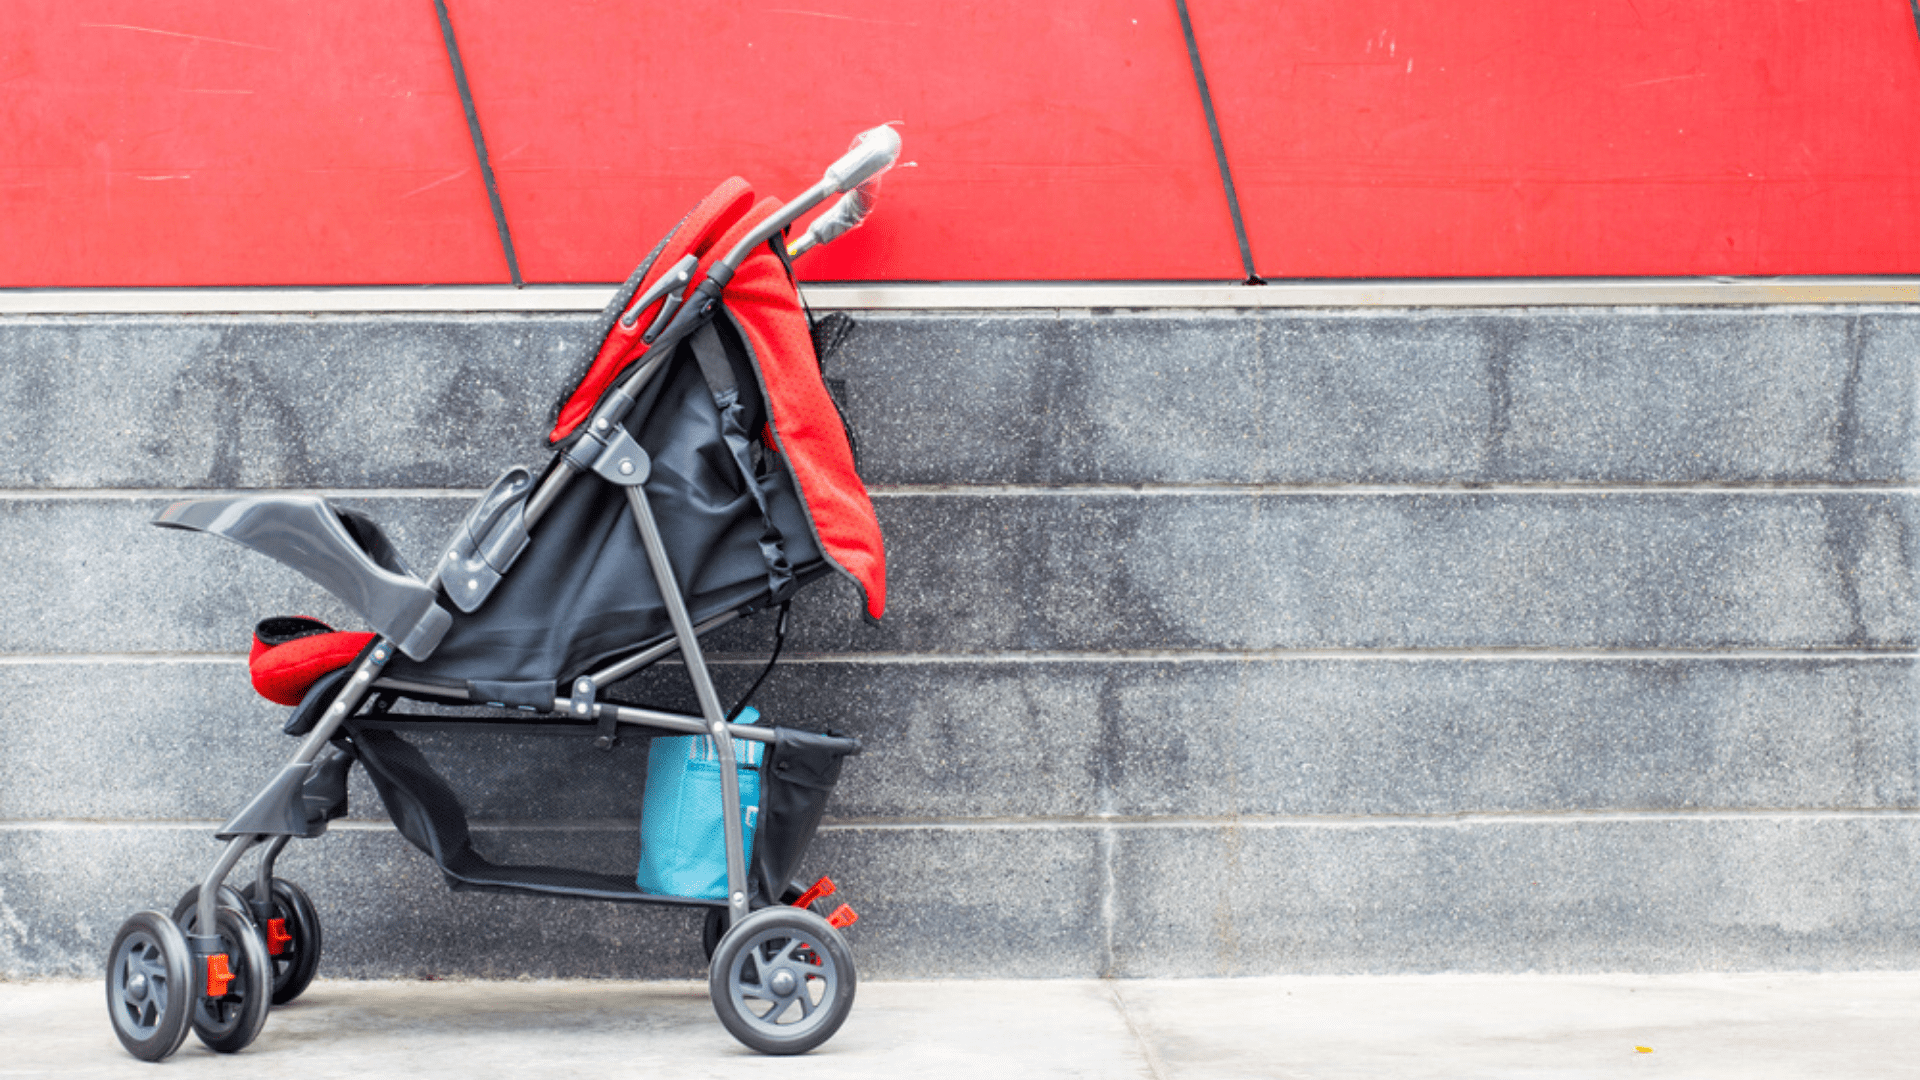 O carrinho de bebê reclinável não deve reclinar totalmente (Imagem: Reprodução/Shutterstock)